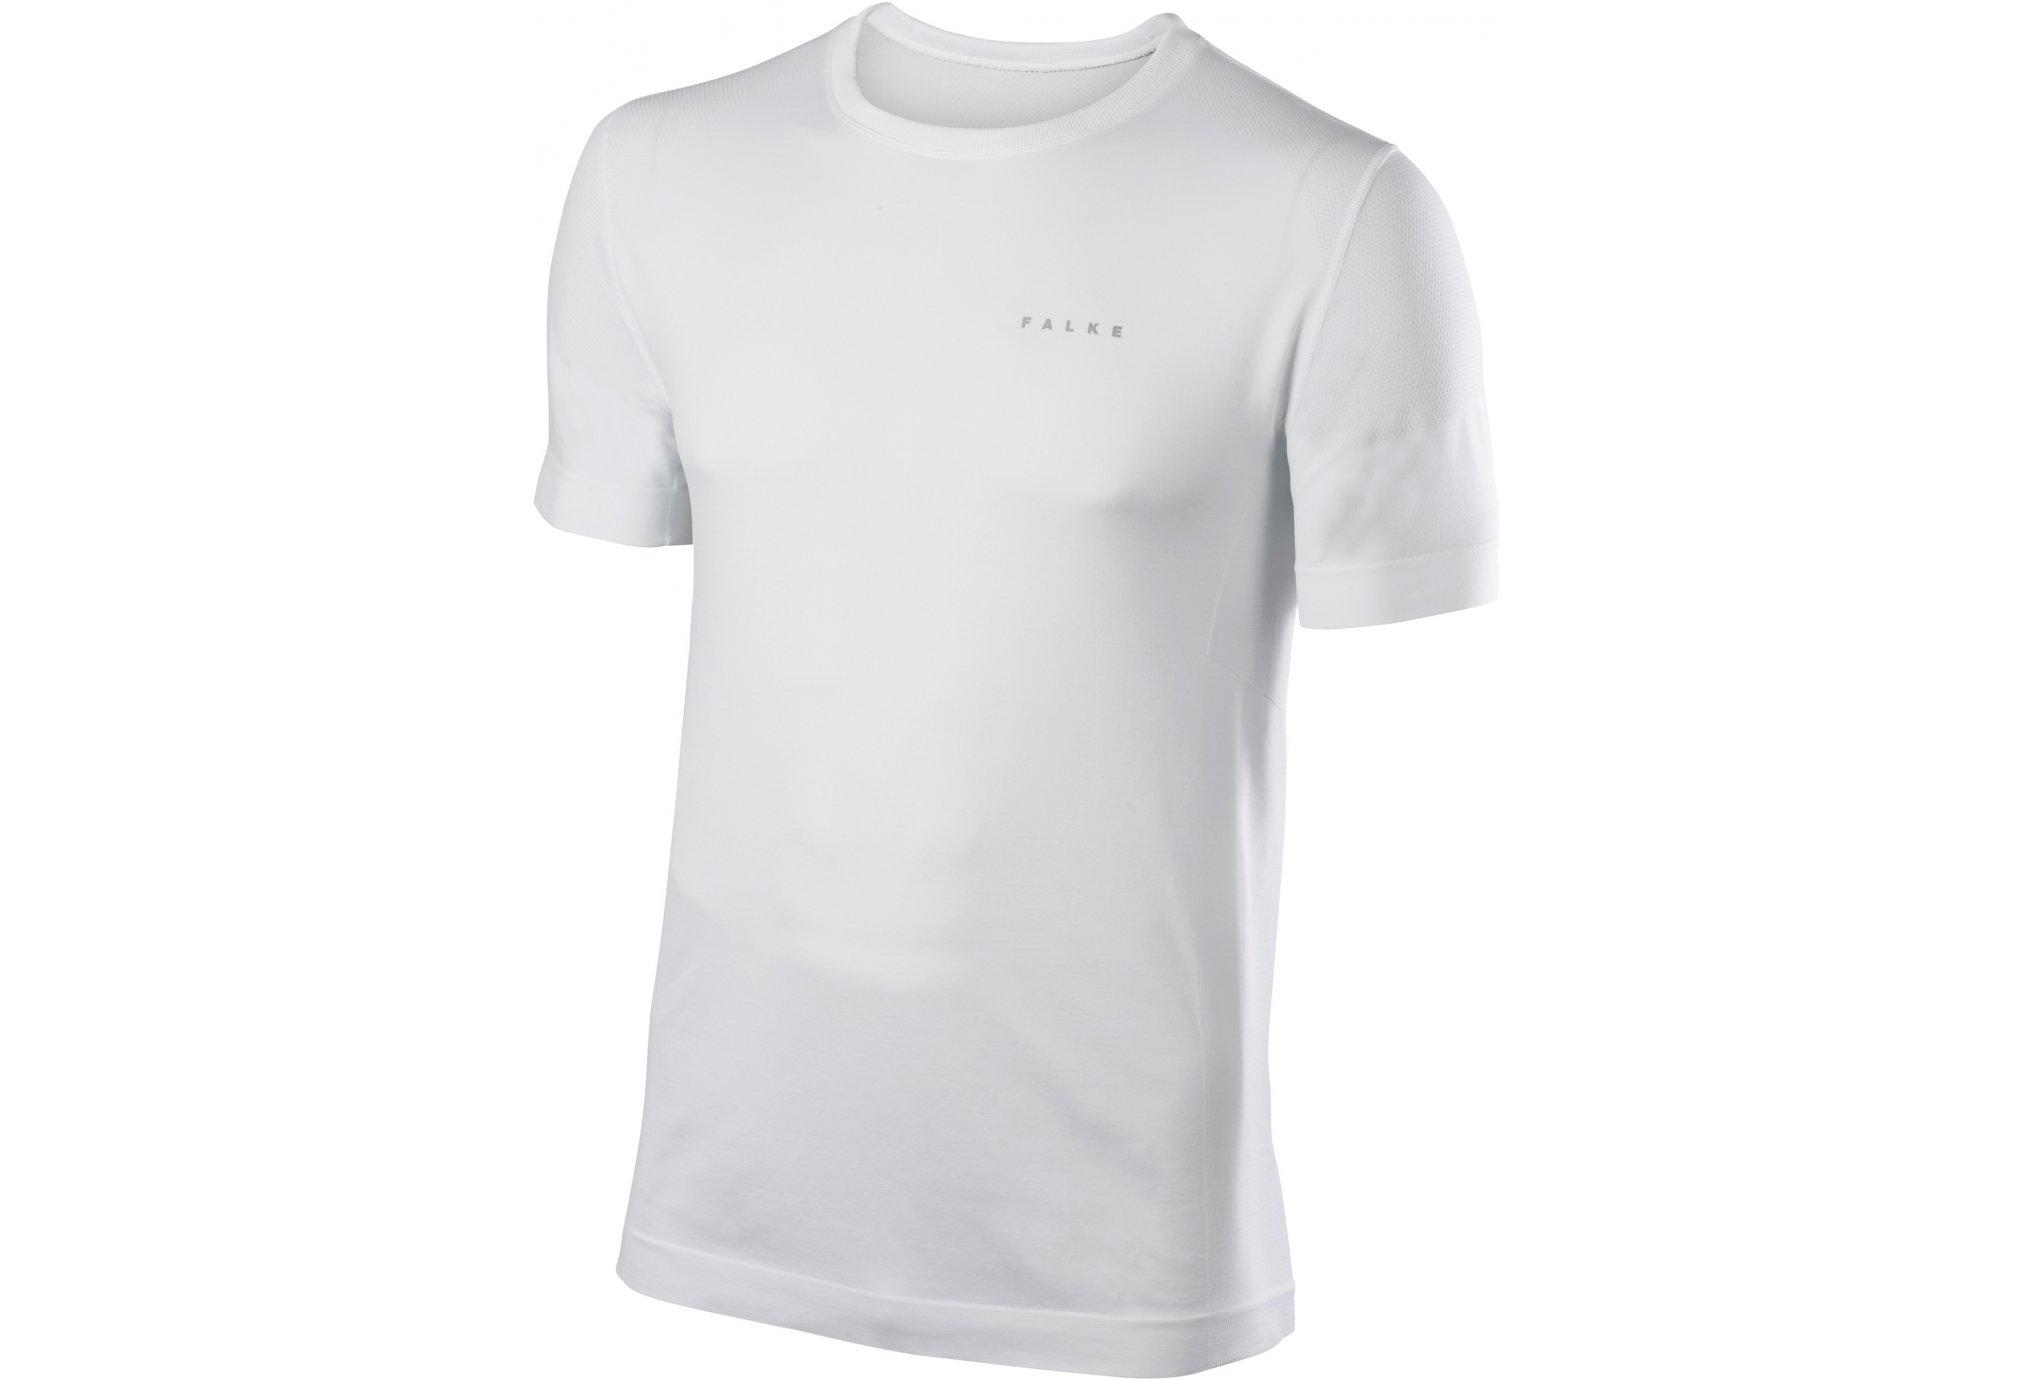 Falke tee shirt energy m diététique vêtements homme